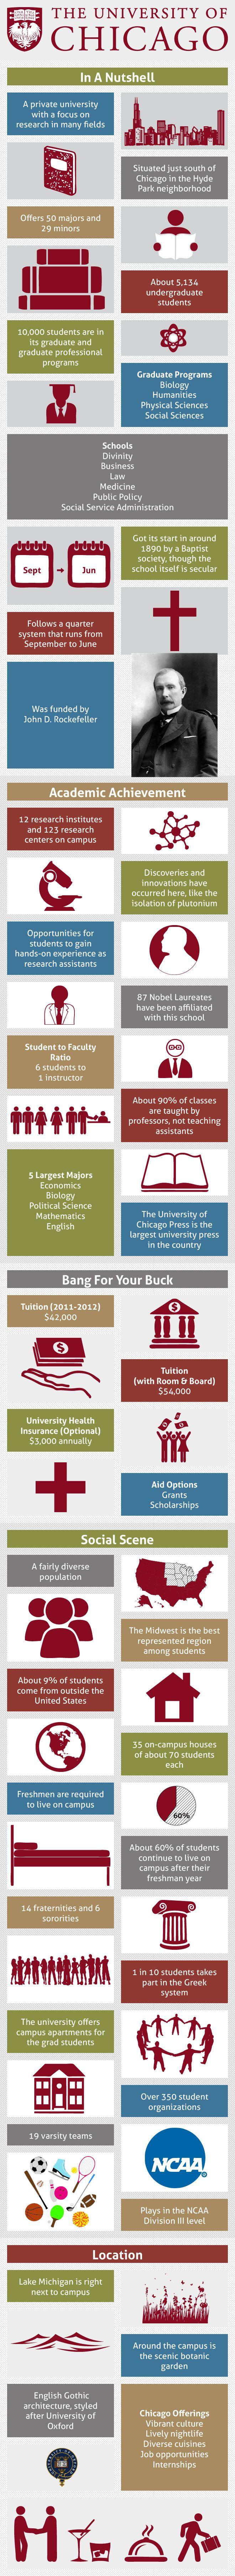 Best Usa University Ideas On Pinterest University Of Usa - Largest university in usa